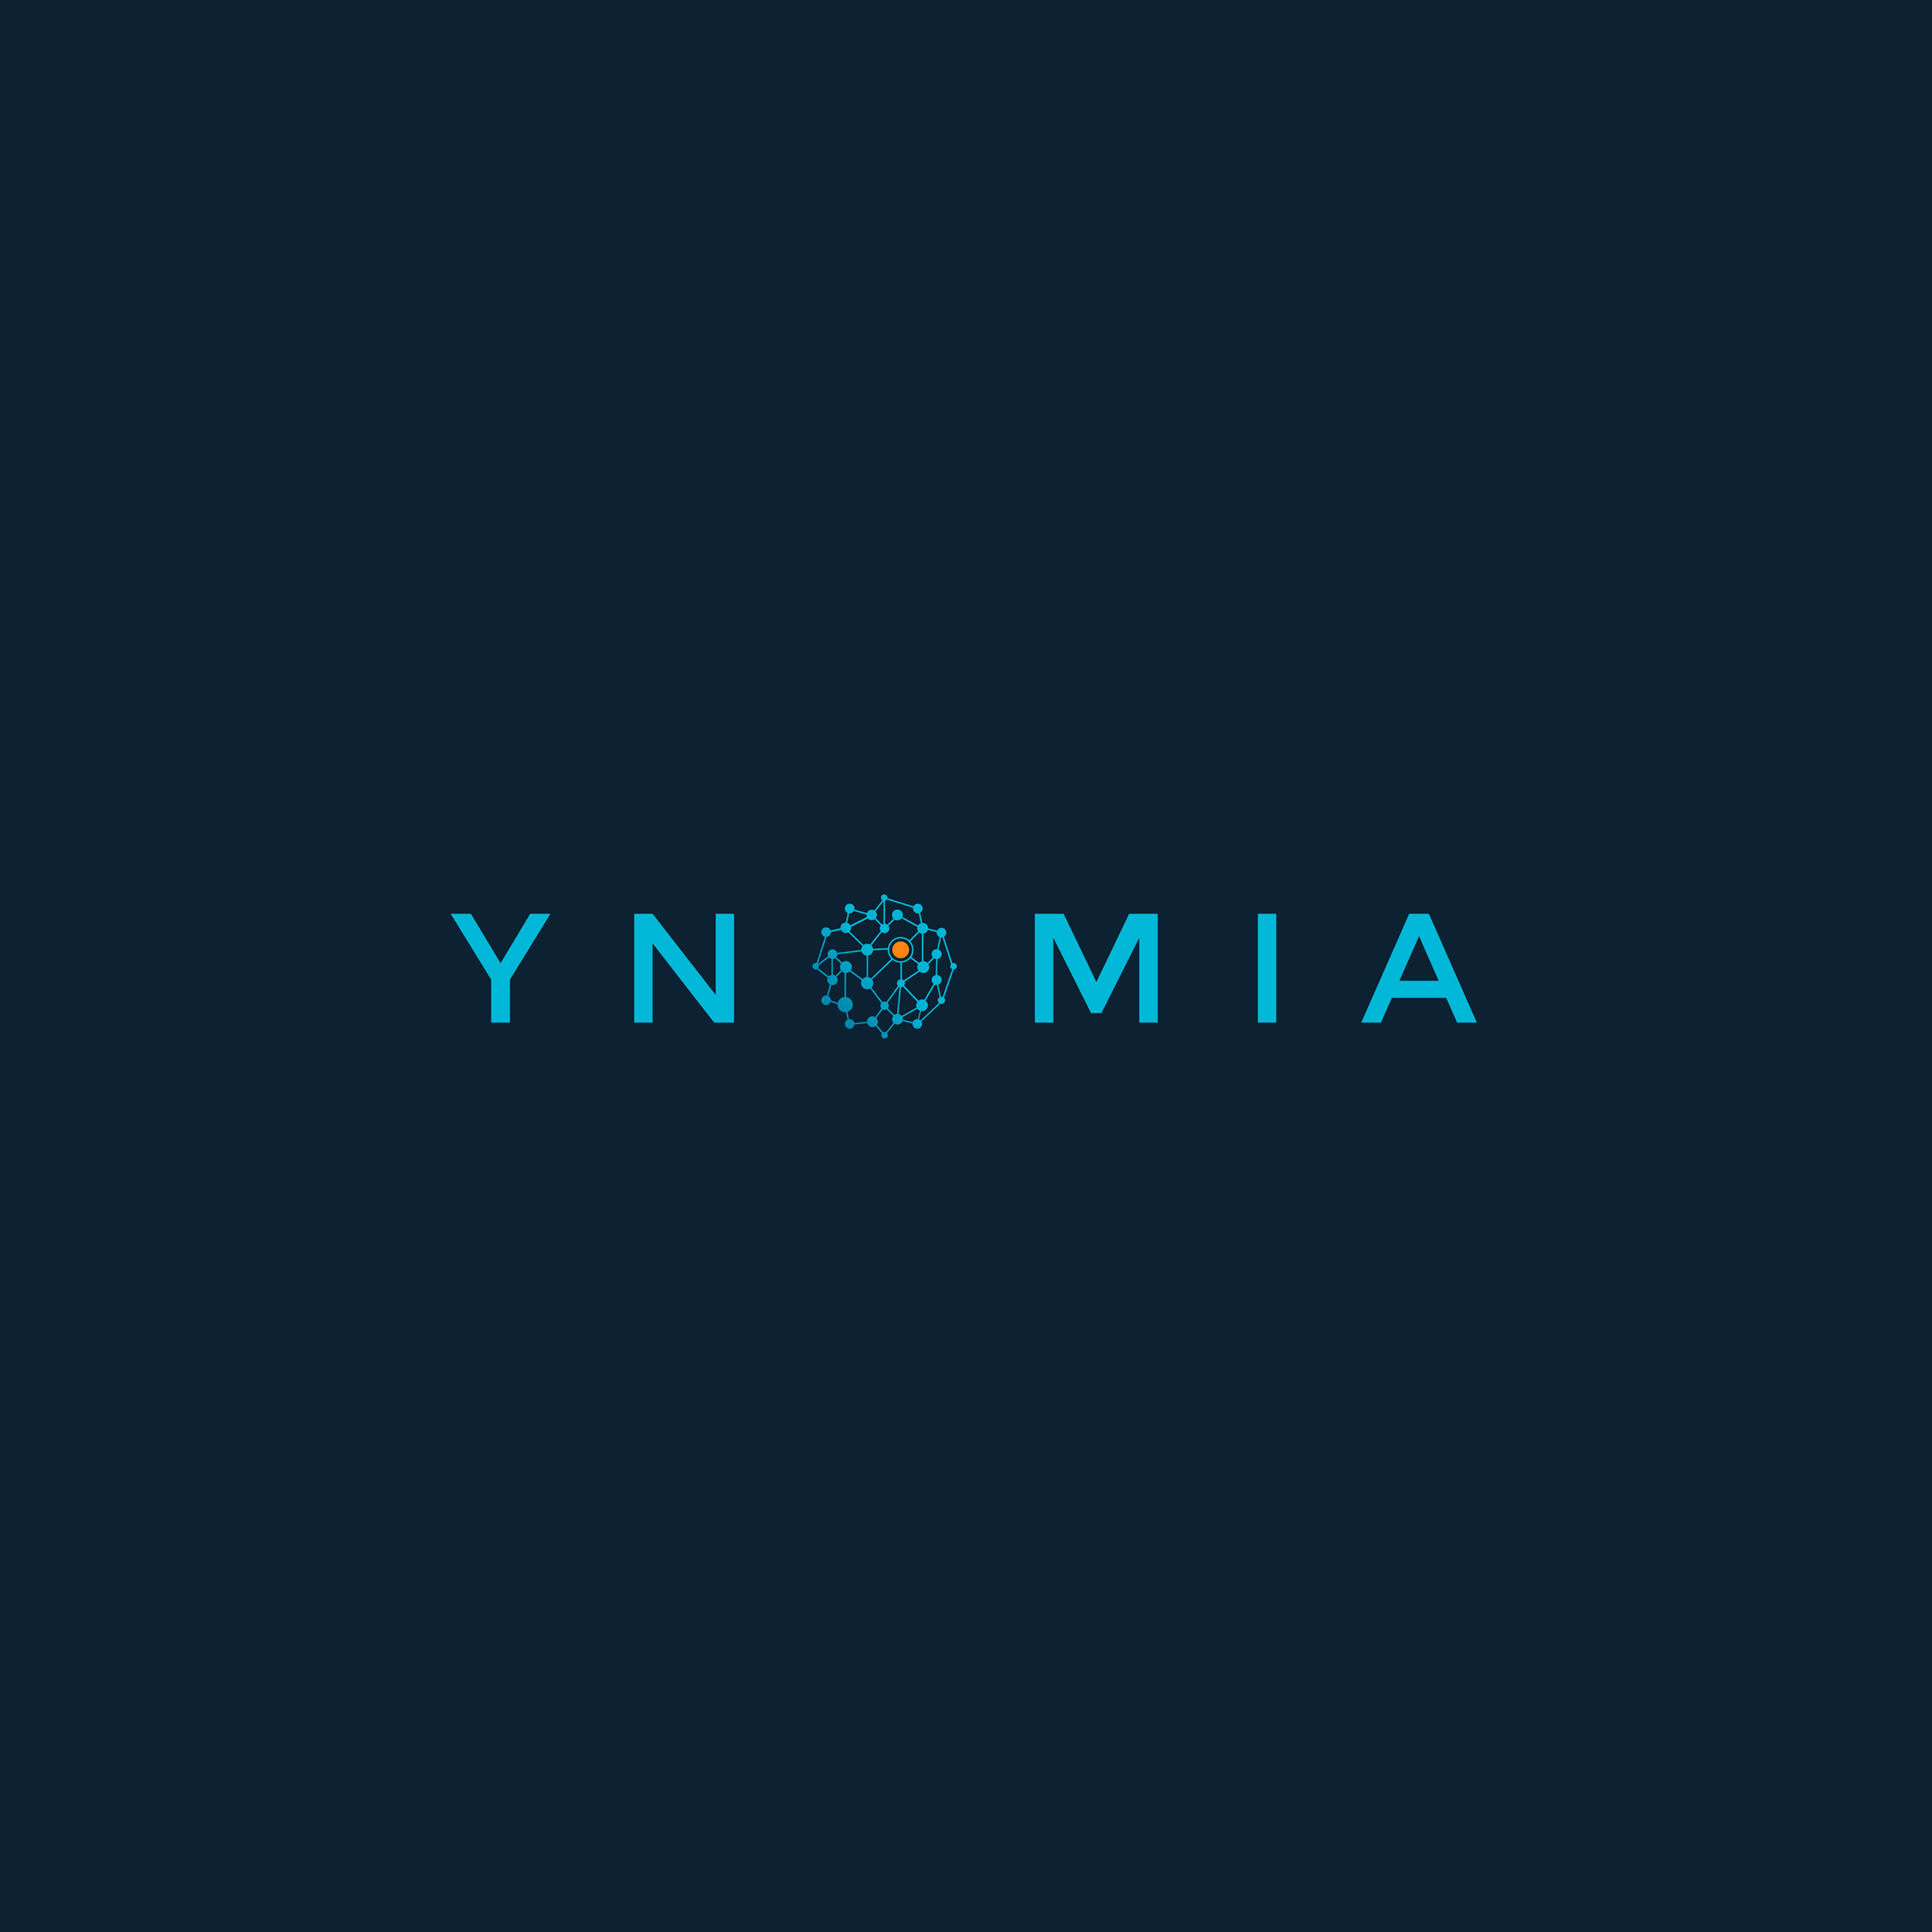 Ynomia